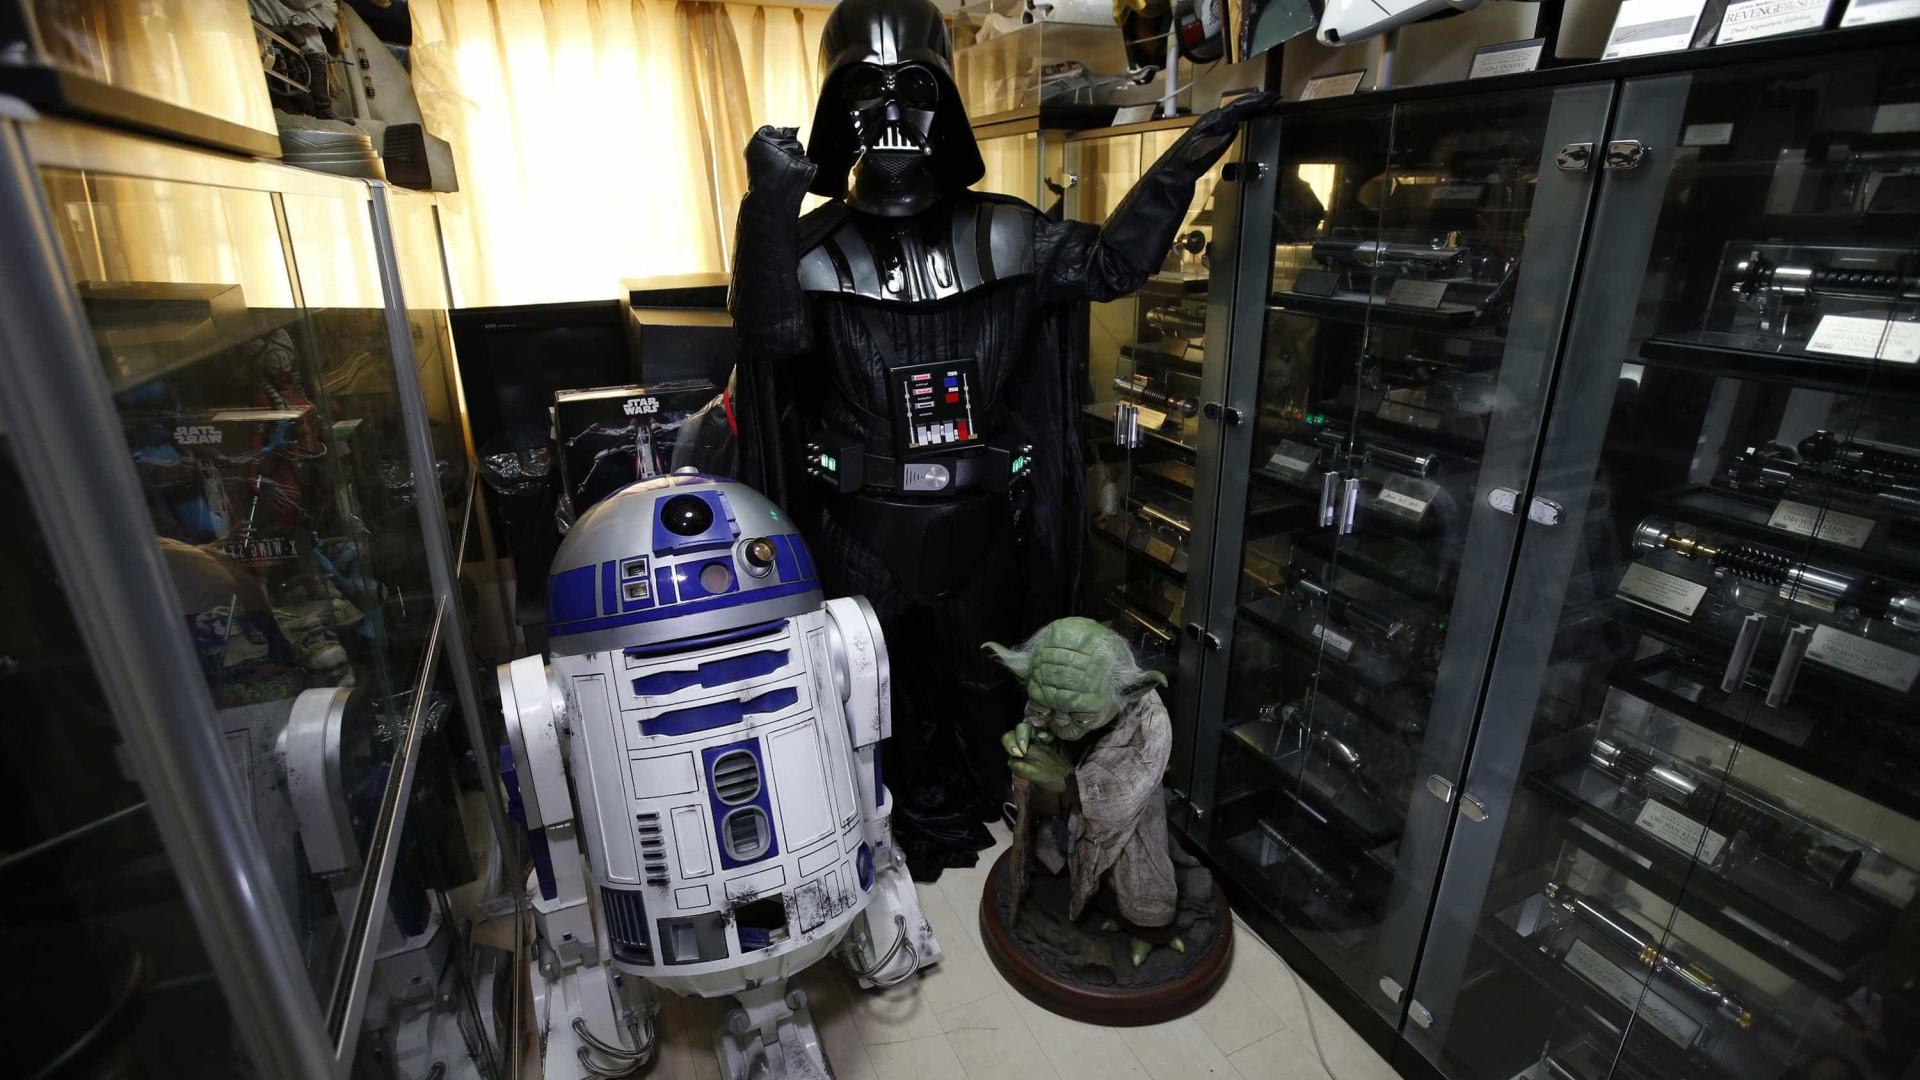 Maior colecção de Star Wars do mundo foi roubada